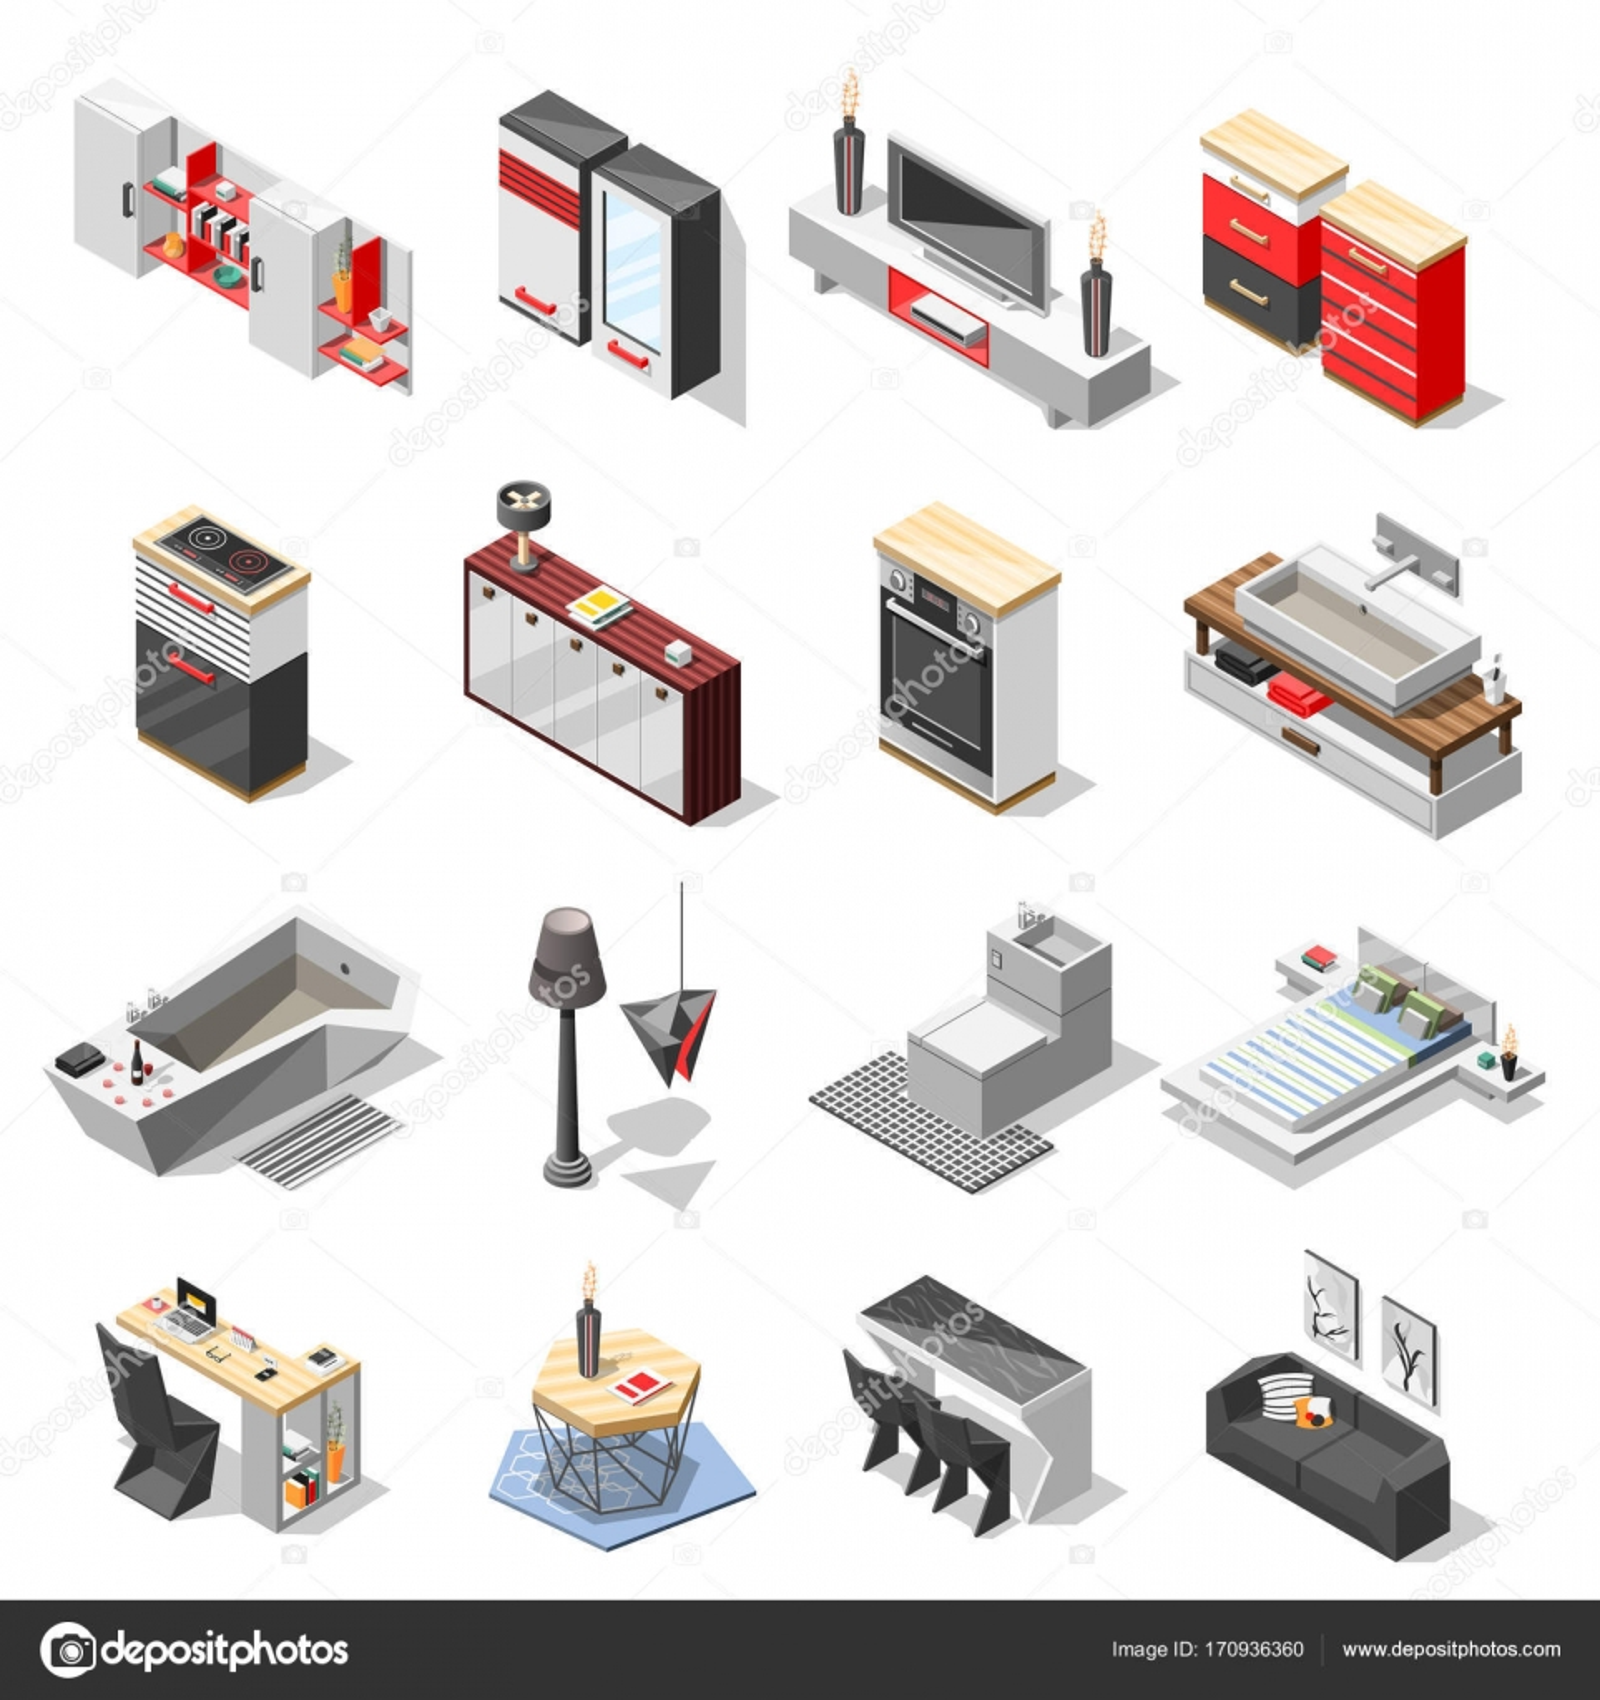 Colecci N De Muebles De Interior Hi Tech Vector De Stock  # Muebles Deinterior